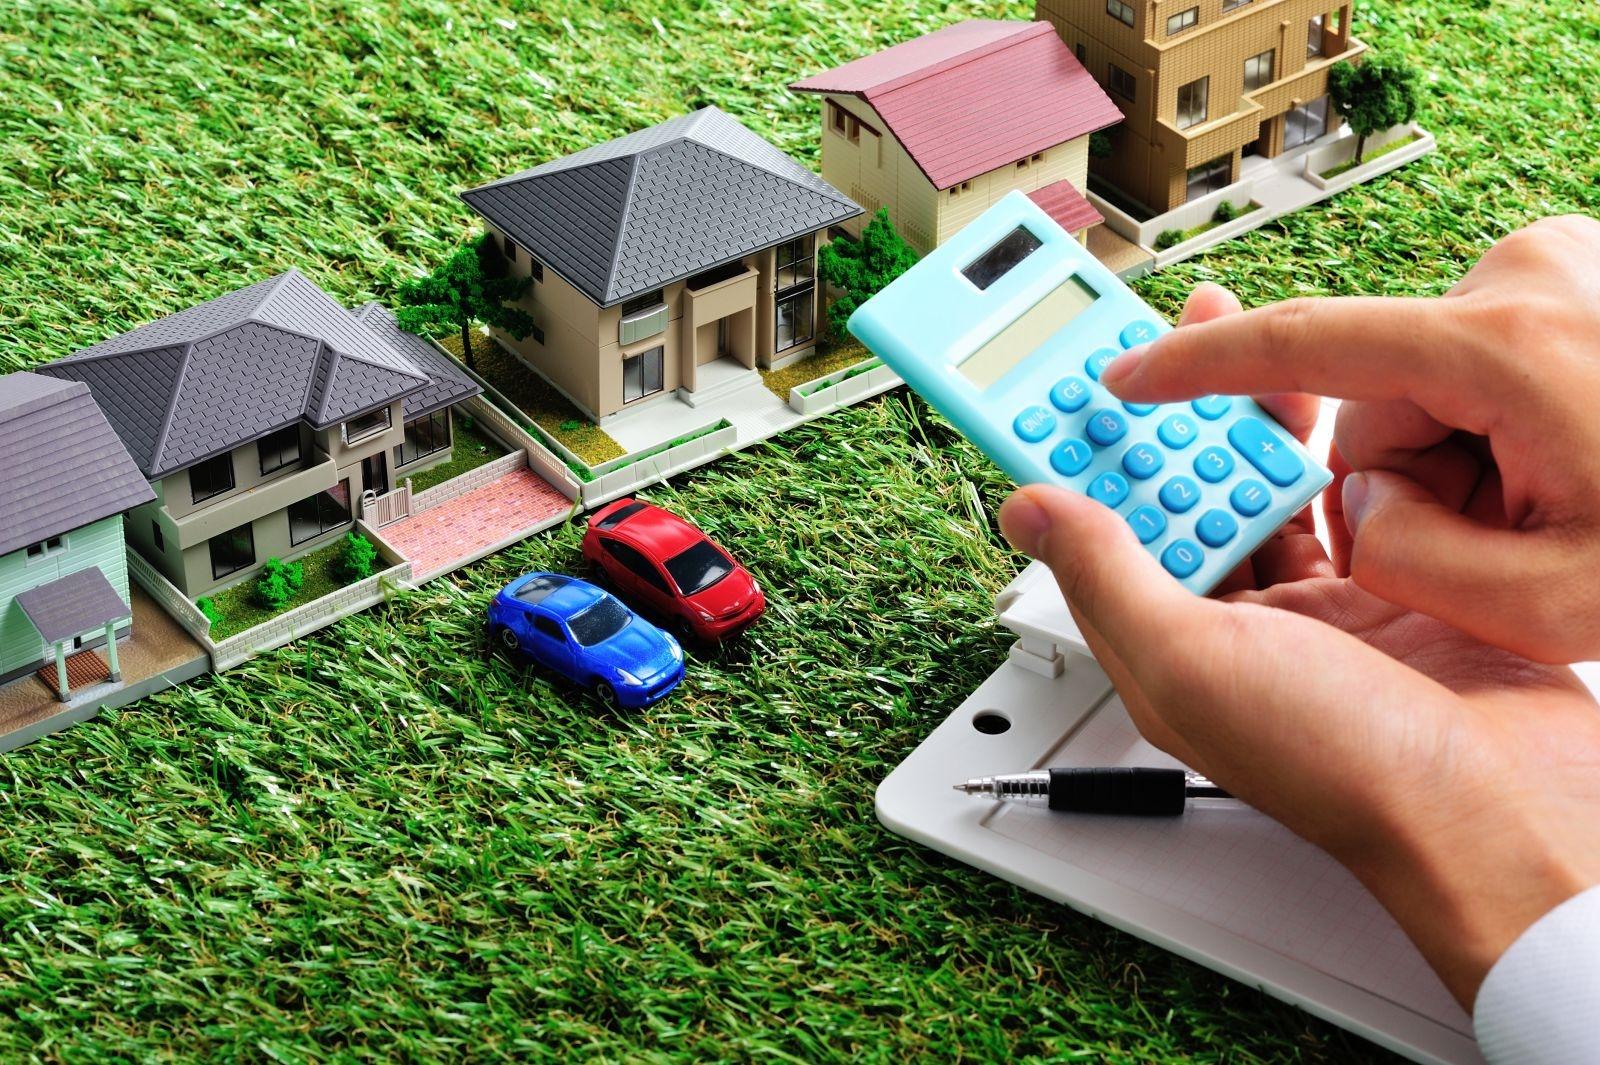 Организации могут сверить с налоговыми органами сведения о своих налогооблагаемых земельных участках и транспортных средствах